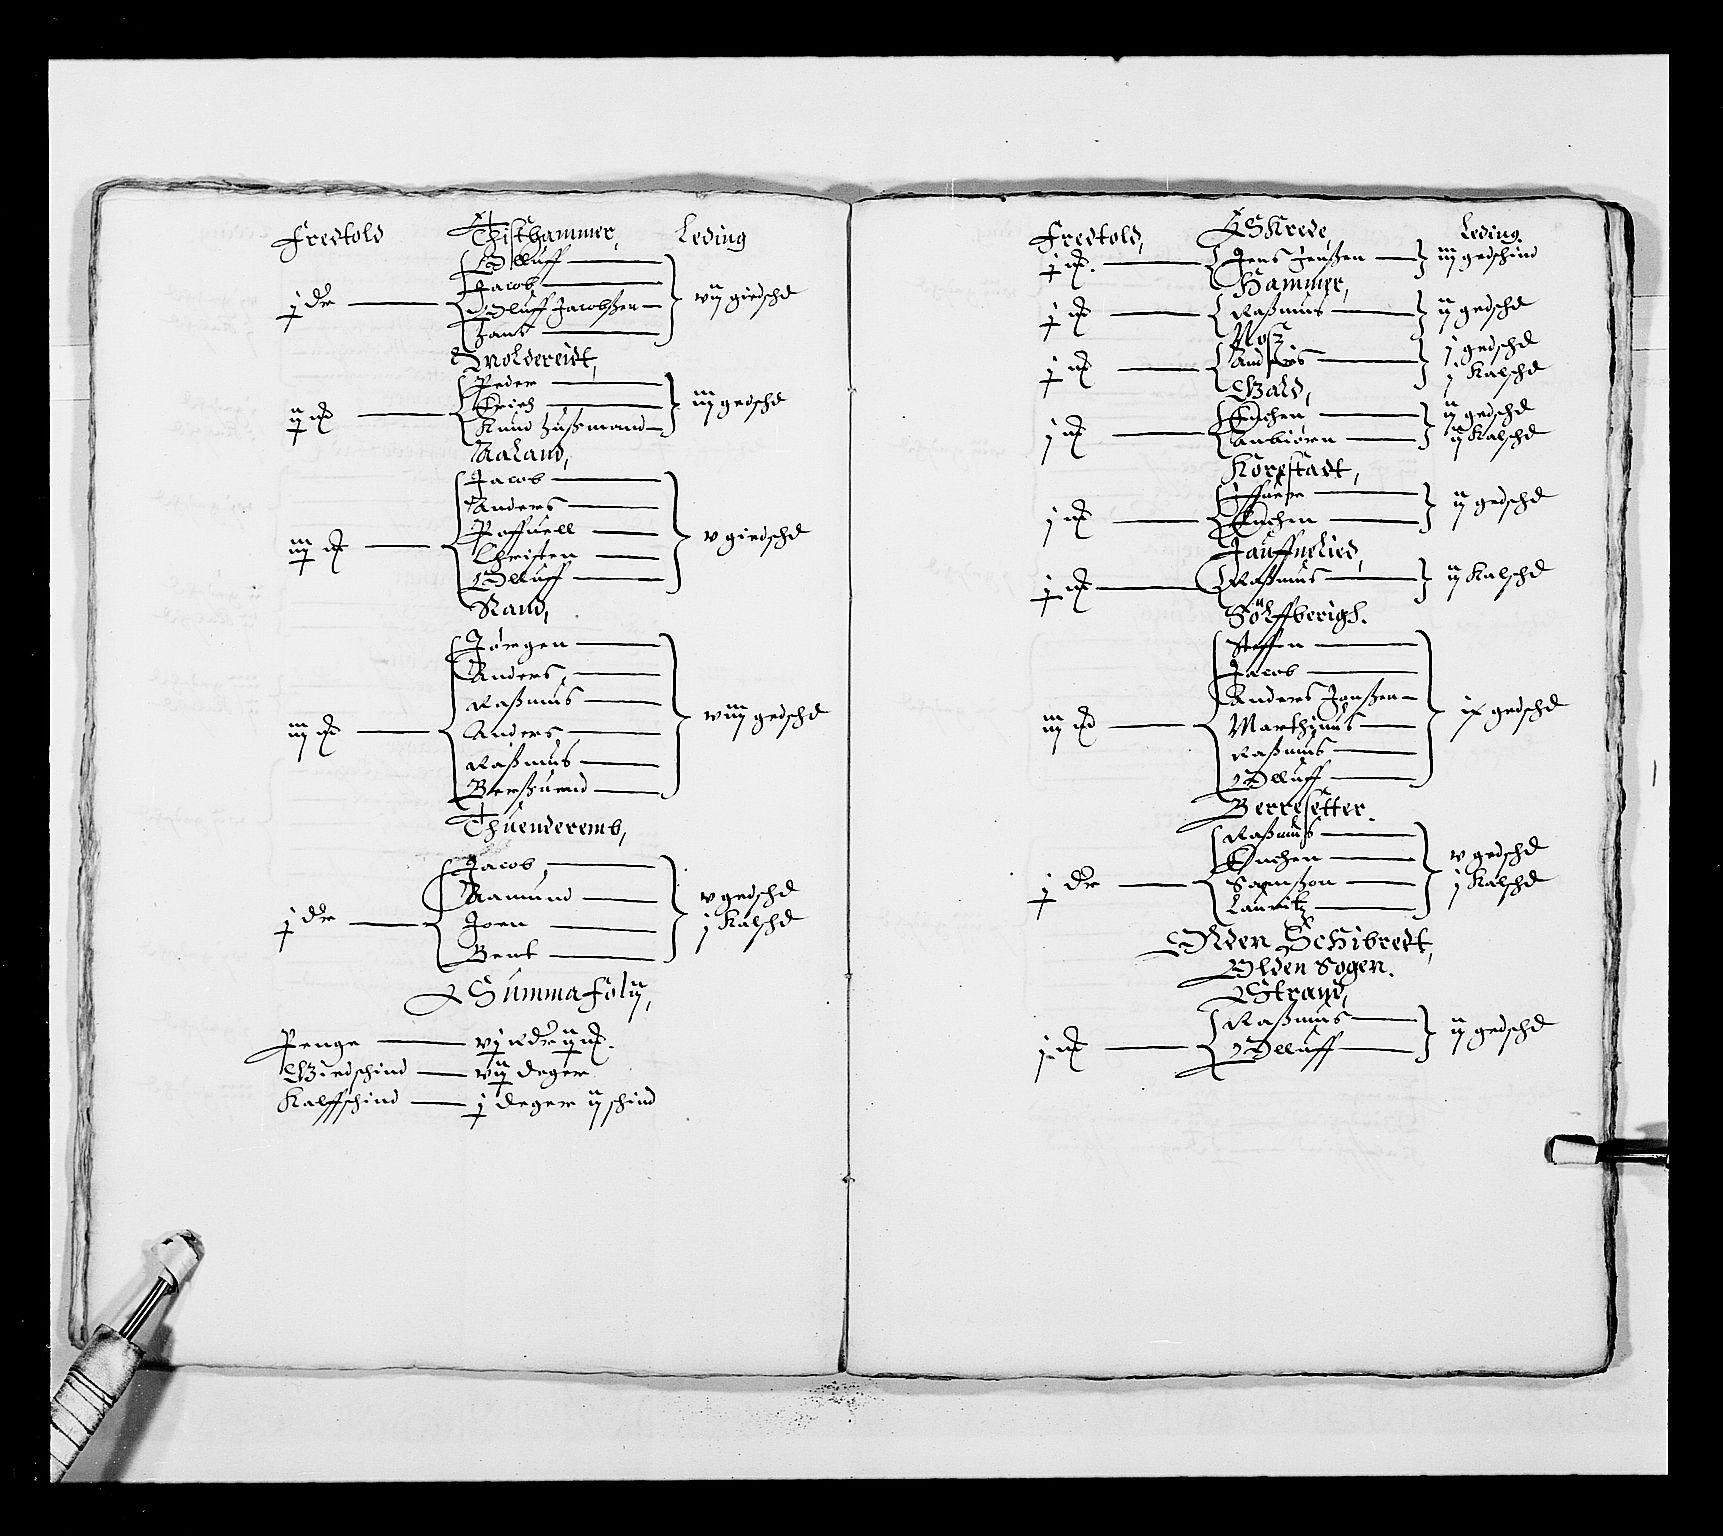 RA, Stattholderembetet 1572-1771, Ek/L0025: Jordebøker 1633-1658:, 1645-1646, s. 198